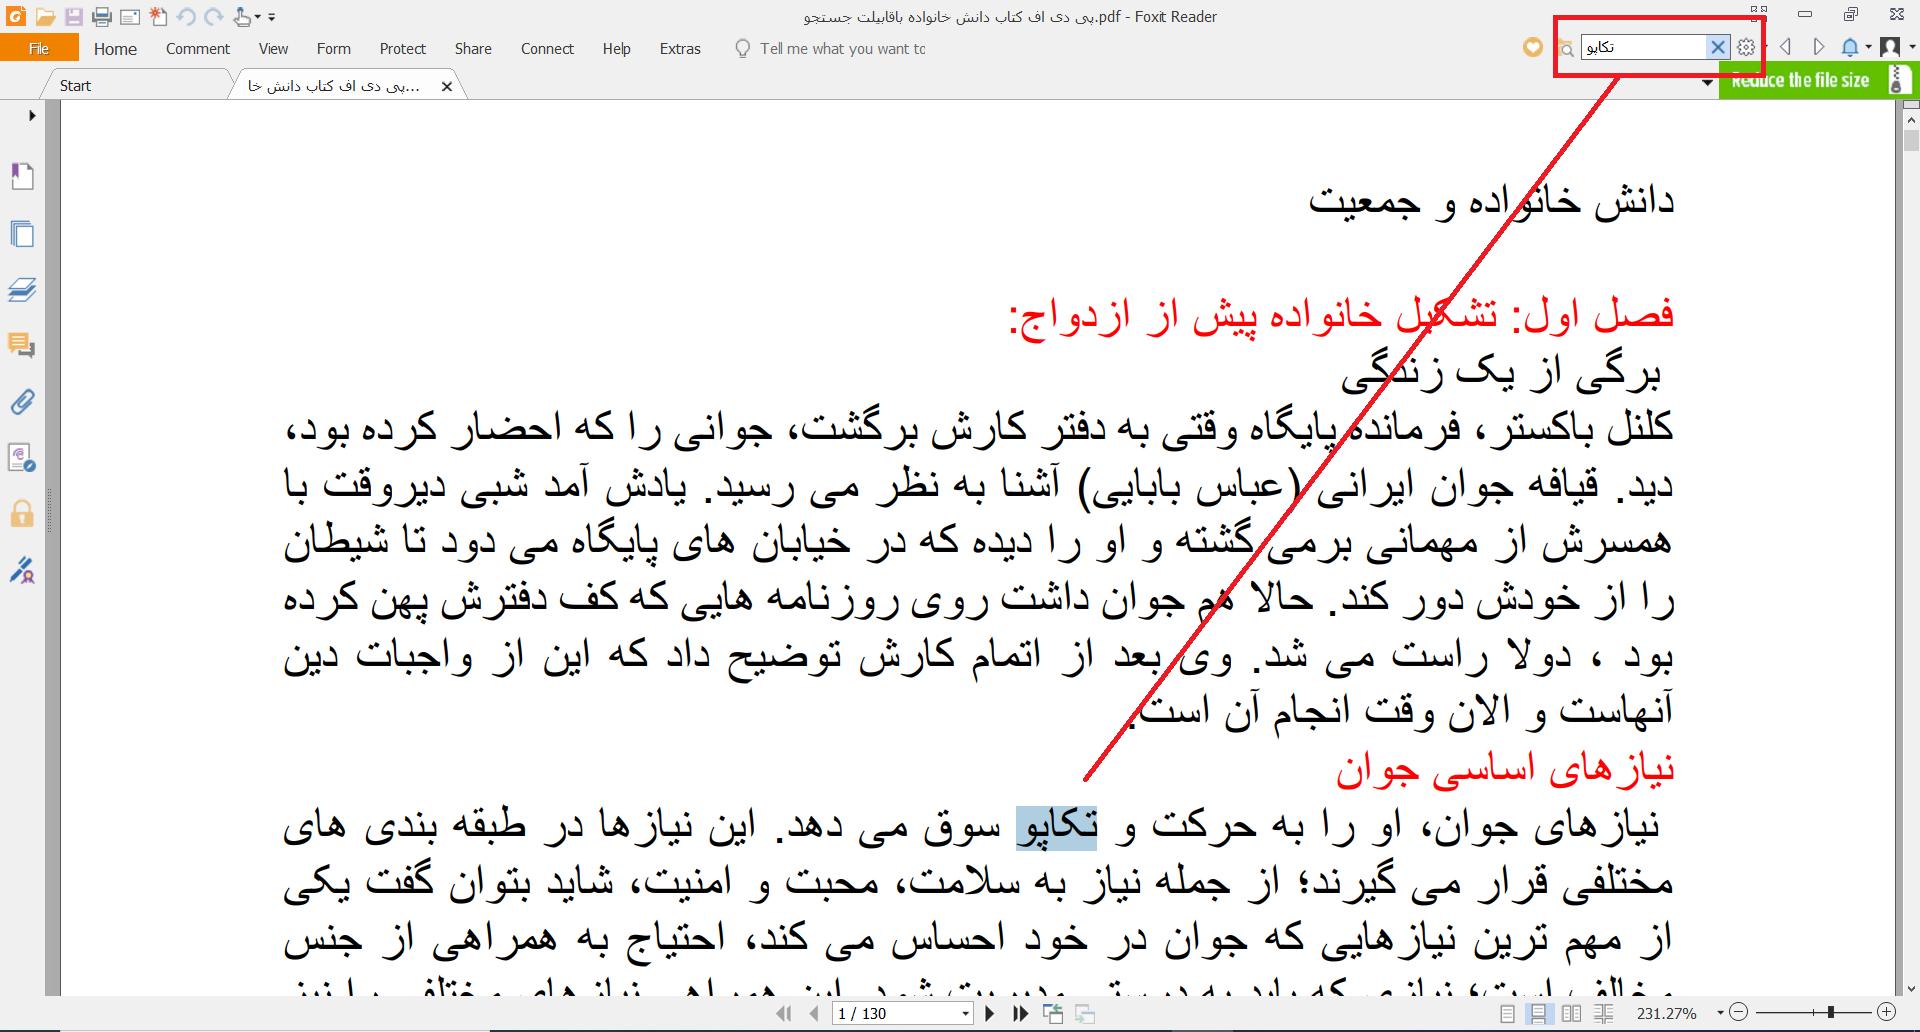 متن و پی دی اف قابل سرچ و جستجوی کتاب دانش خانواده و جمعیت جمعی از نویسندگان pdf